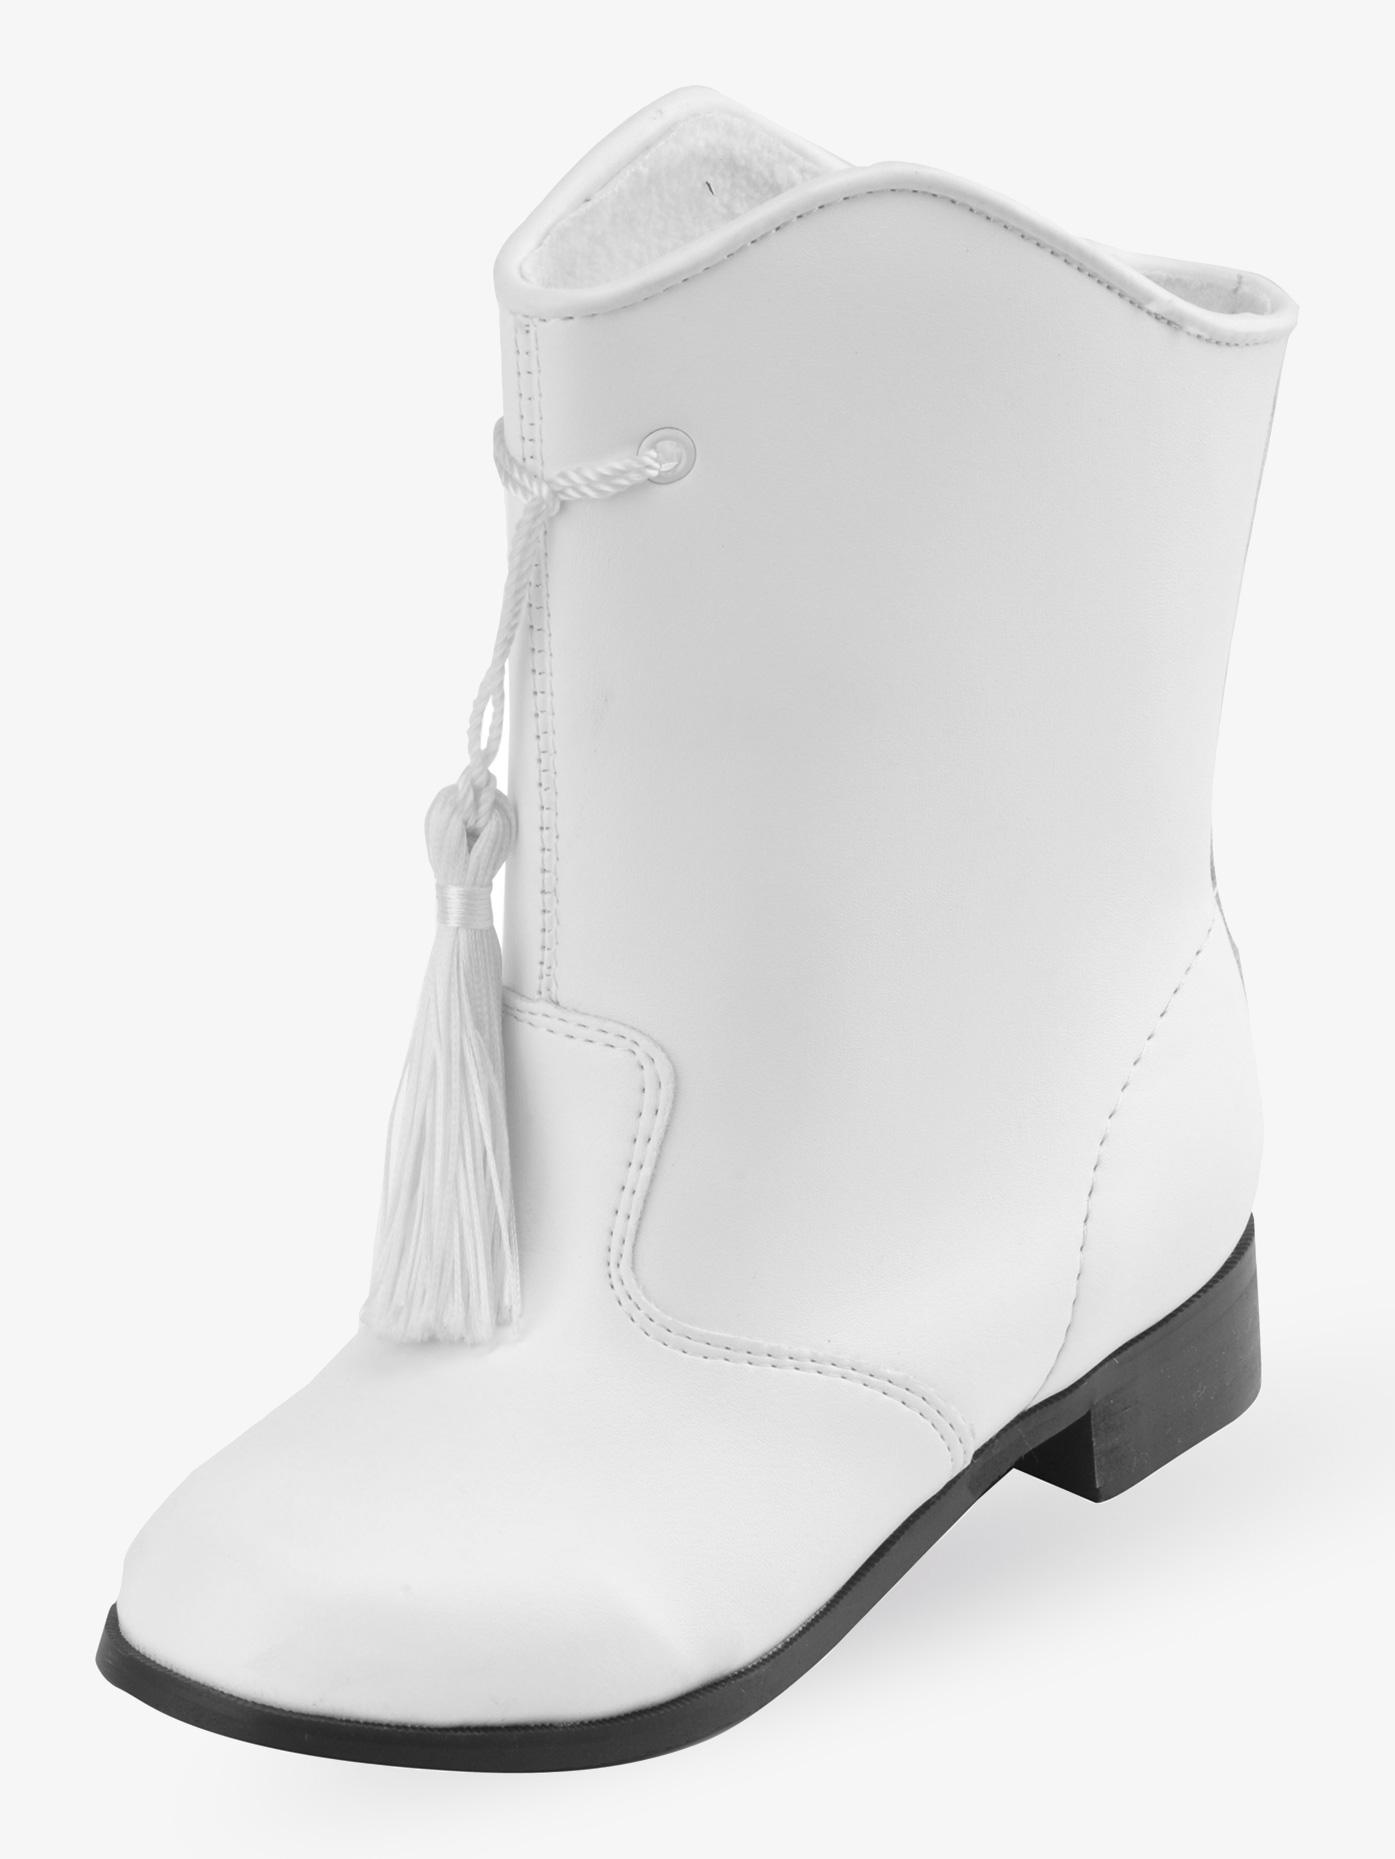 Adult Gotham Majorette Boot White 6050